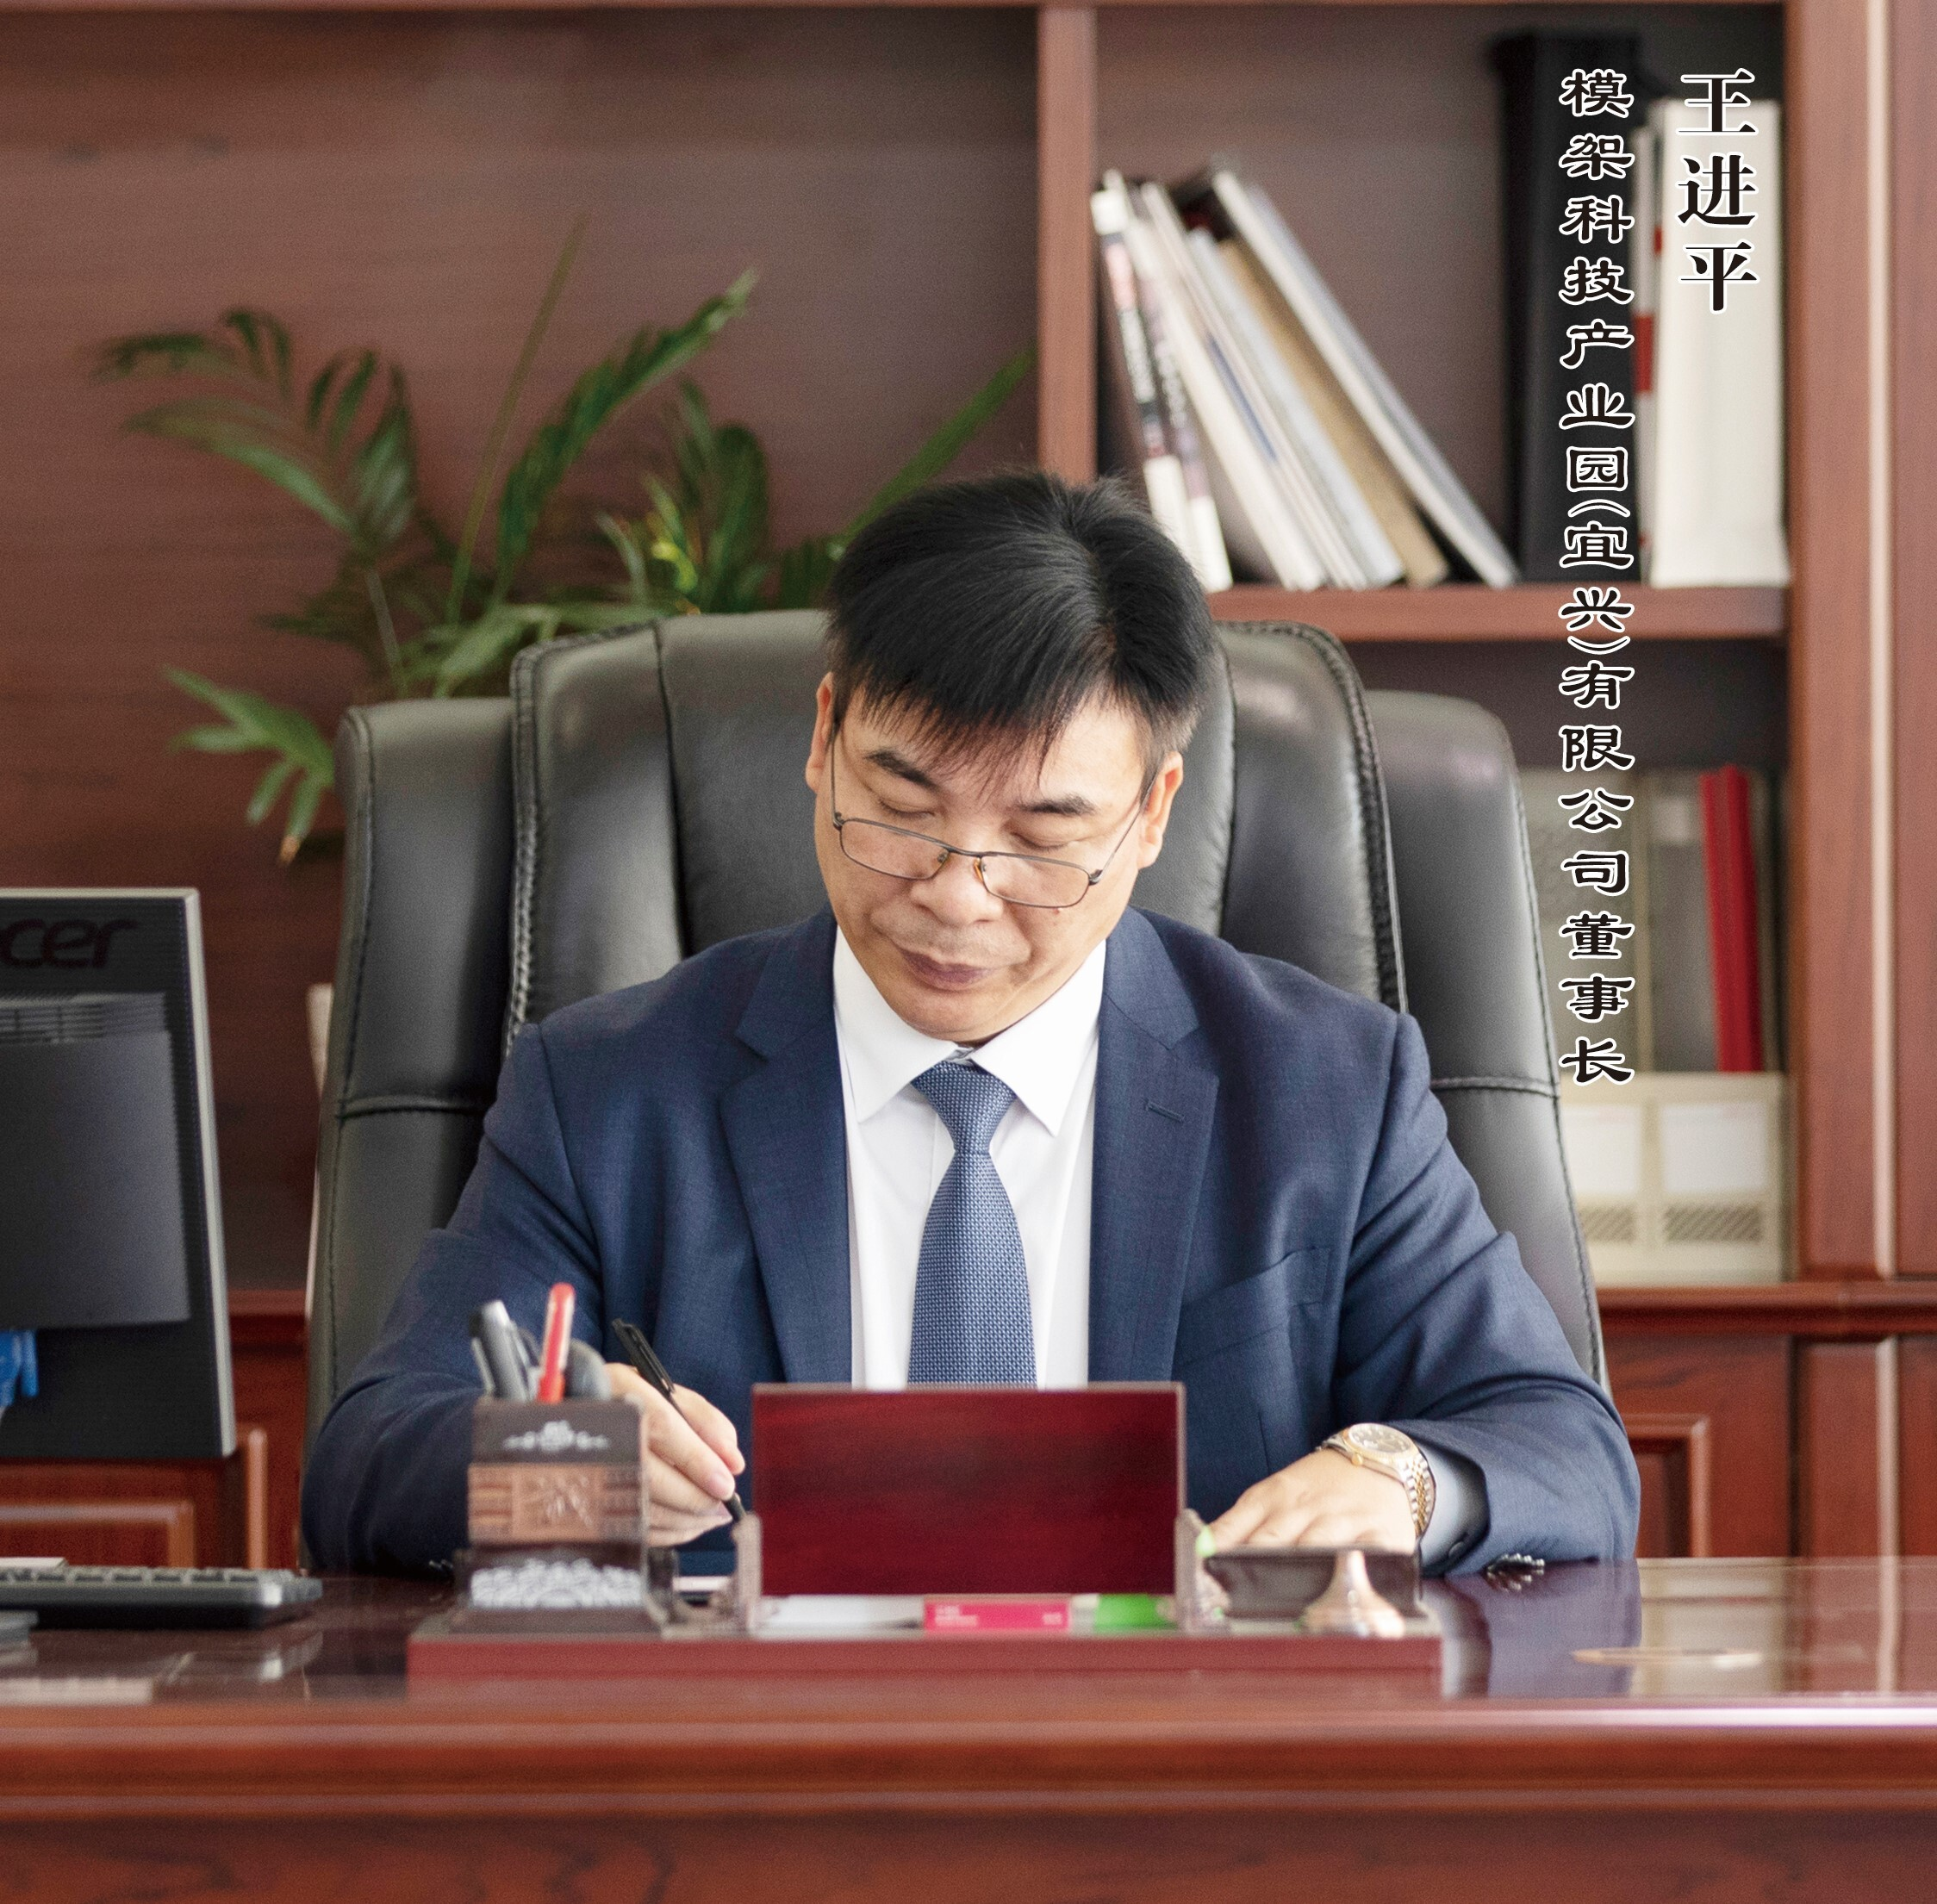 模架科技产业园(宜兴)有限公司董事长王进平图1